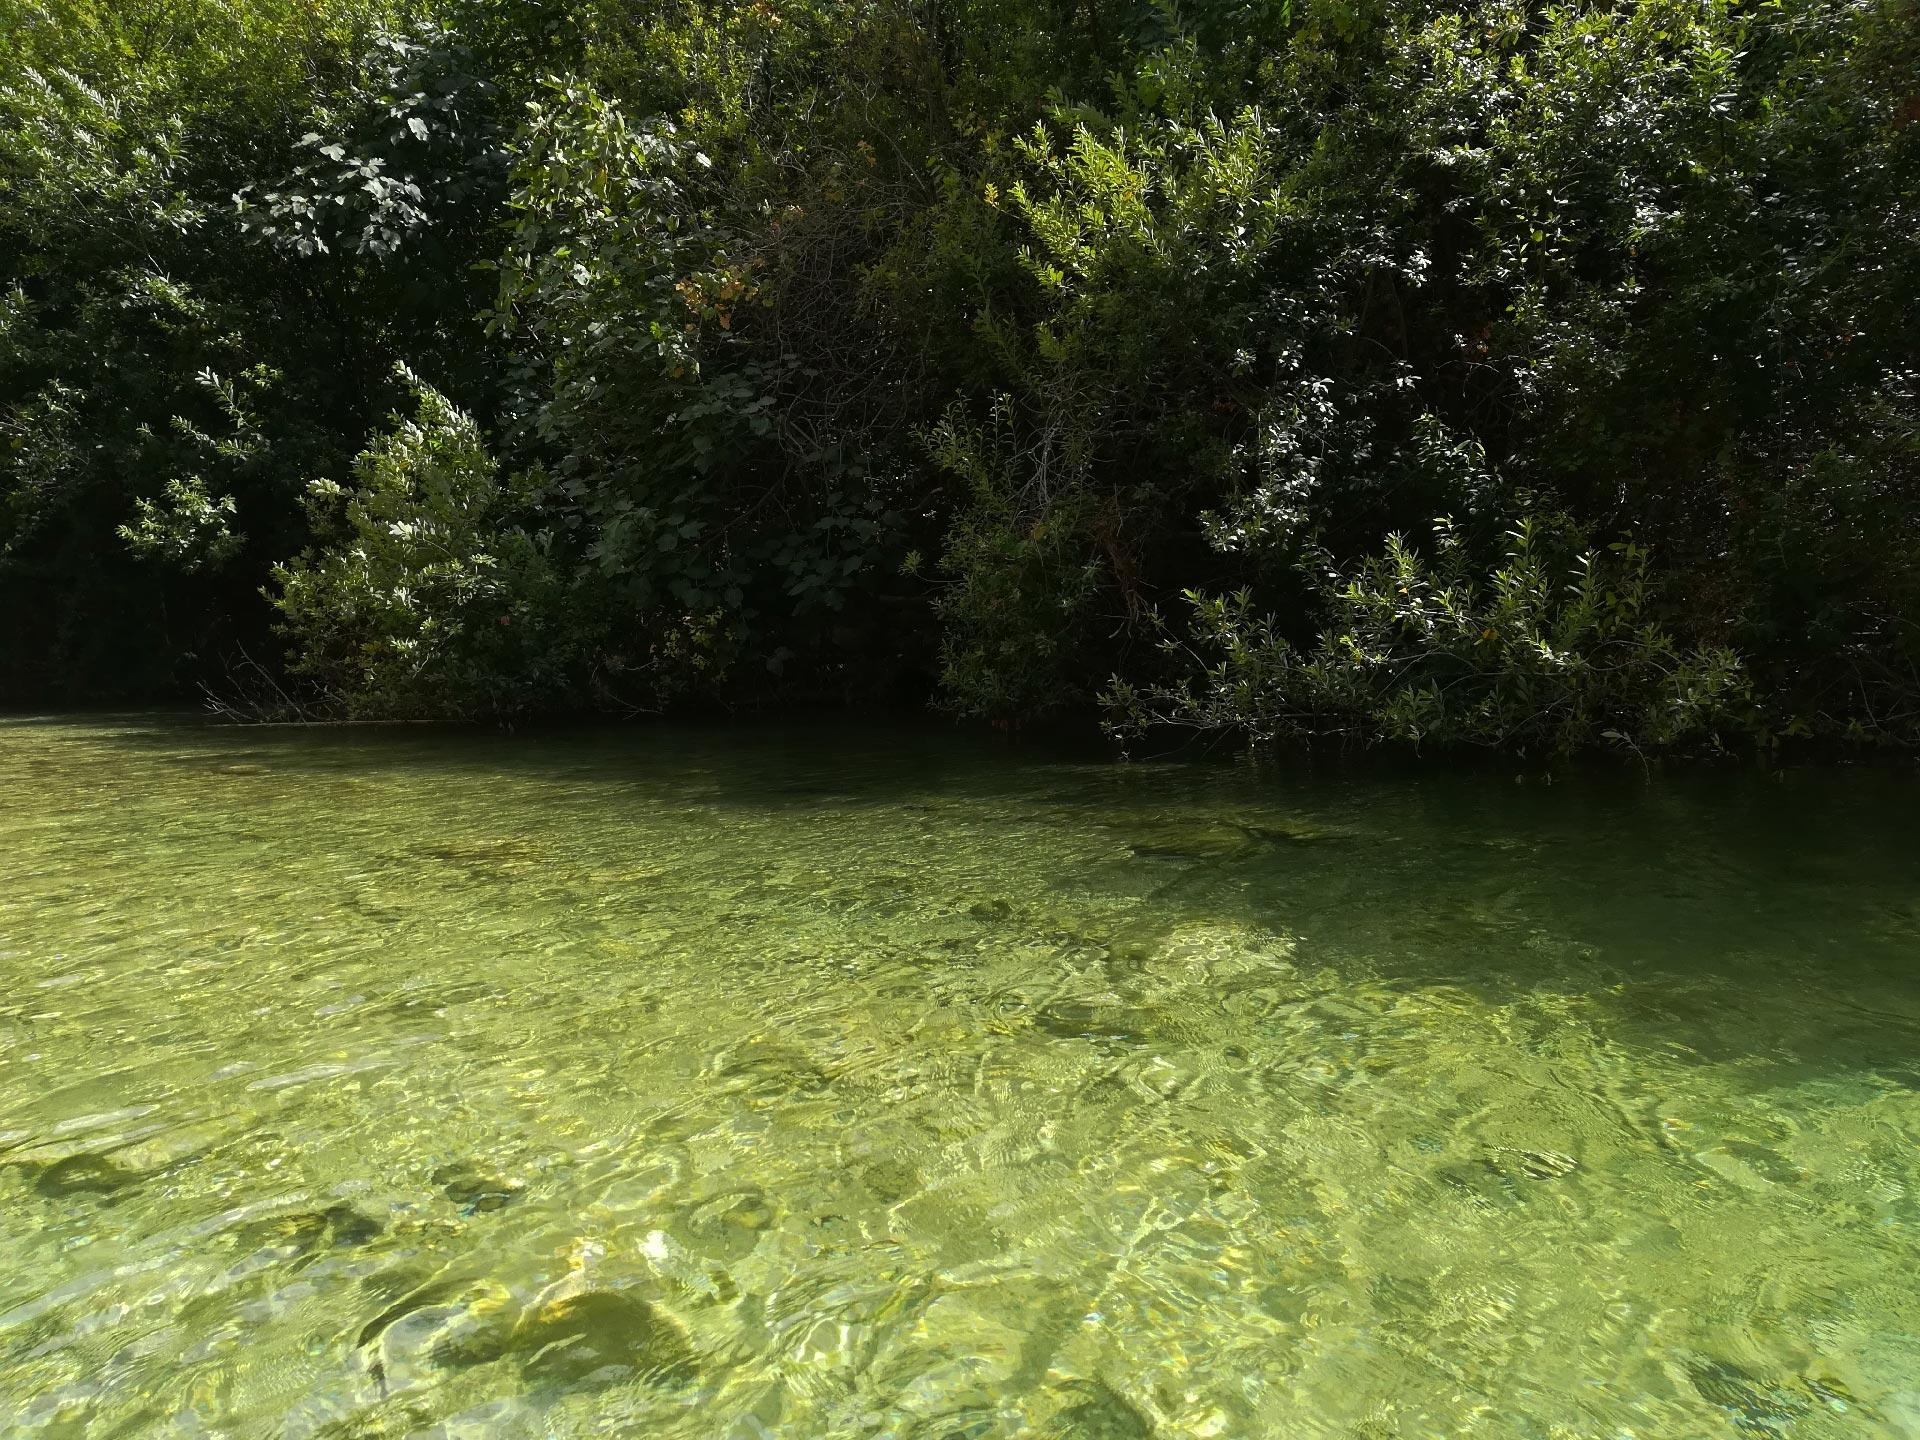 scorcio di un laghetto all'interno della Riserva Naturale di Cavagrande del Cassibile, Siracusa, Sicilia